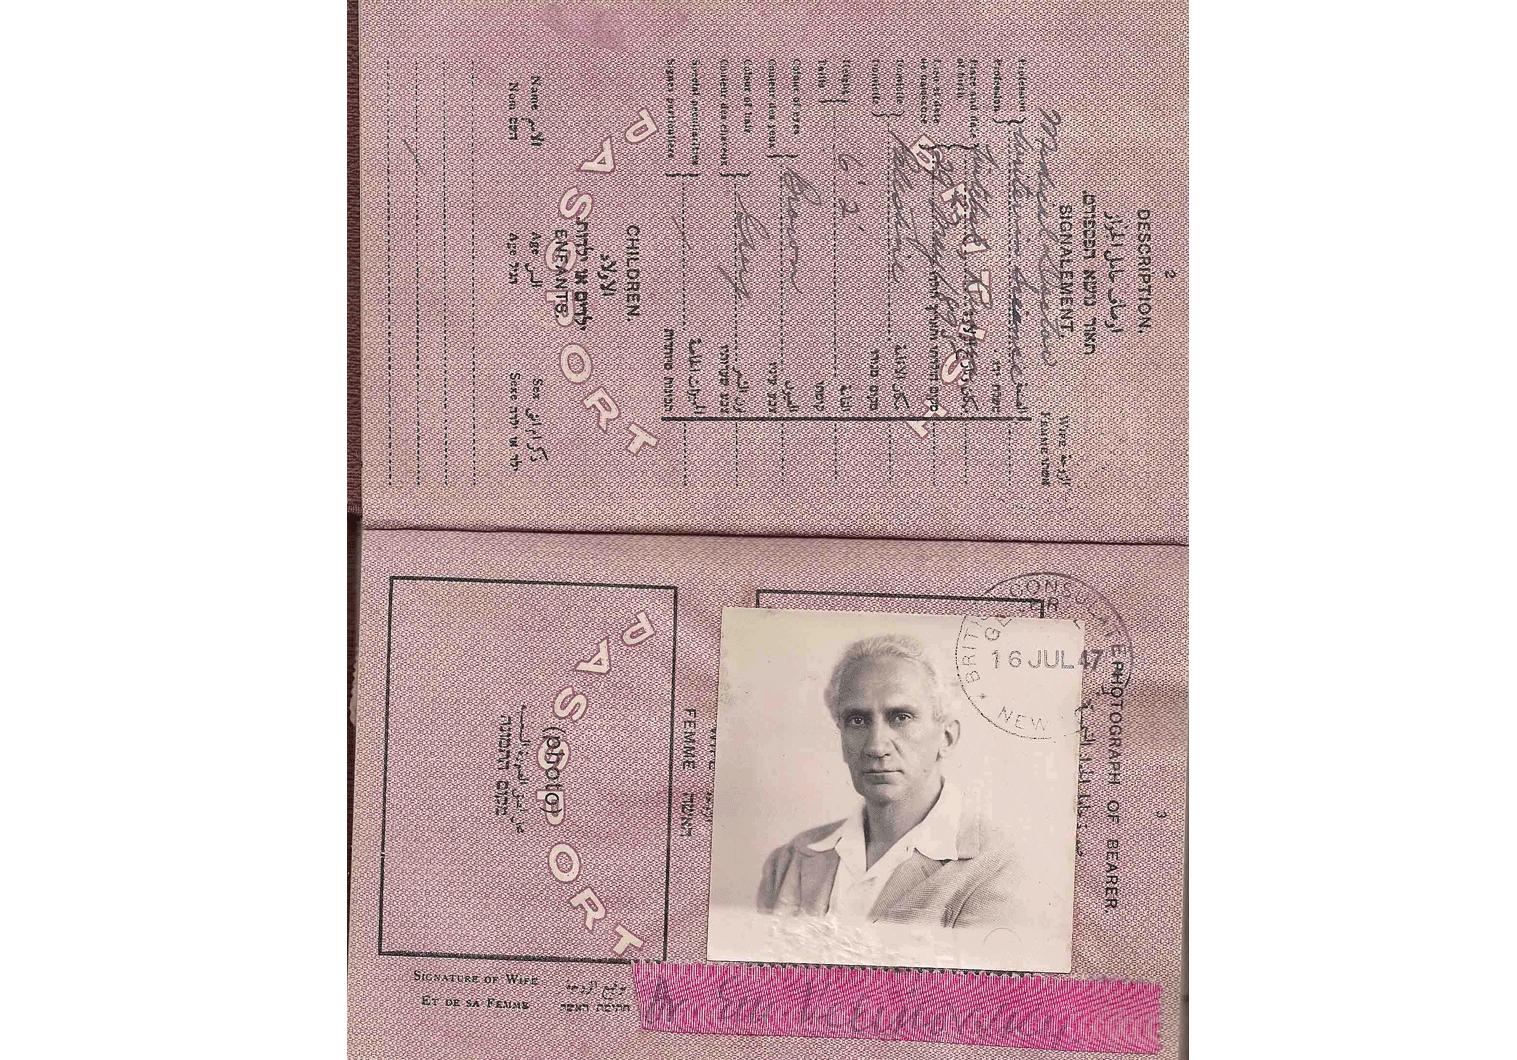 Dr. Immanuel Velikovsky's passport